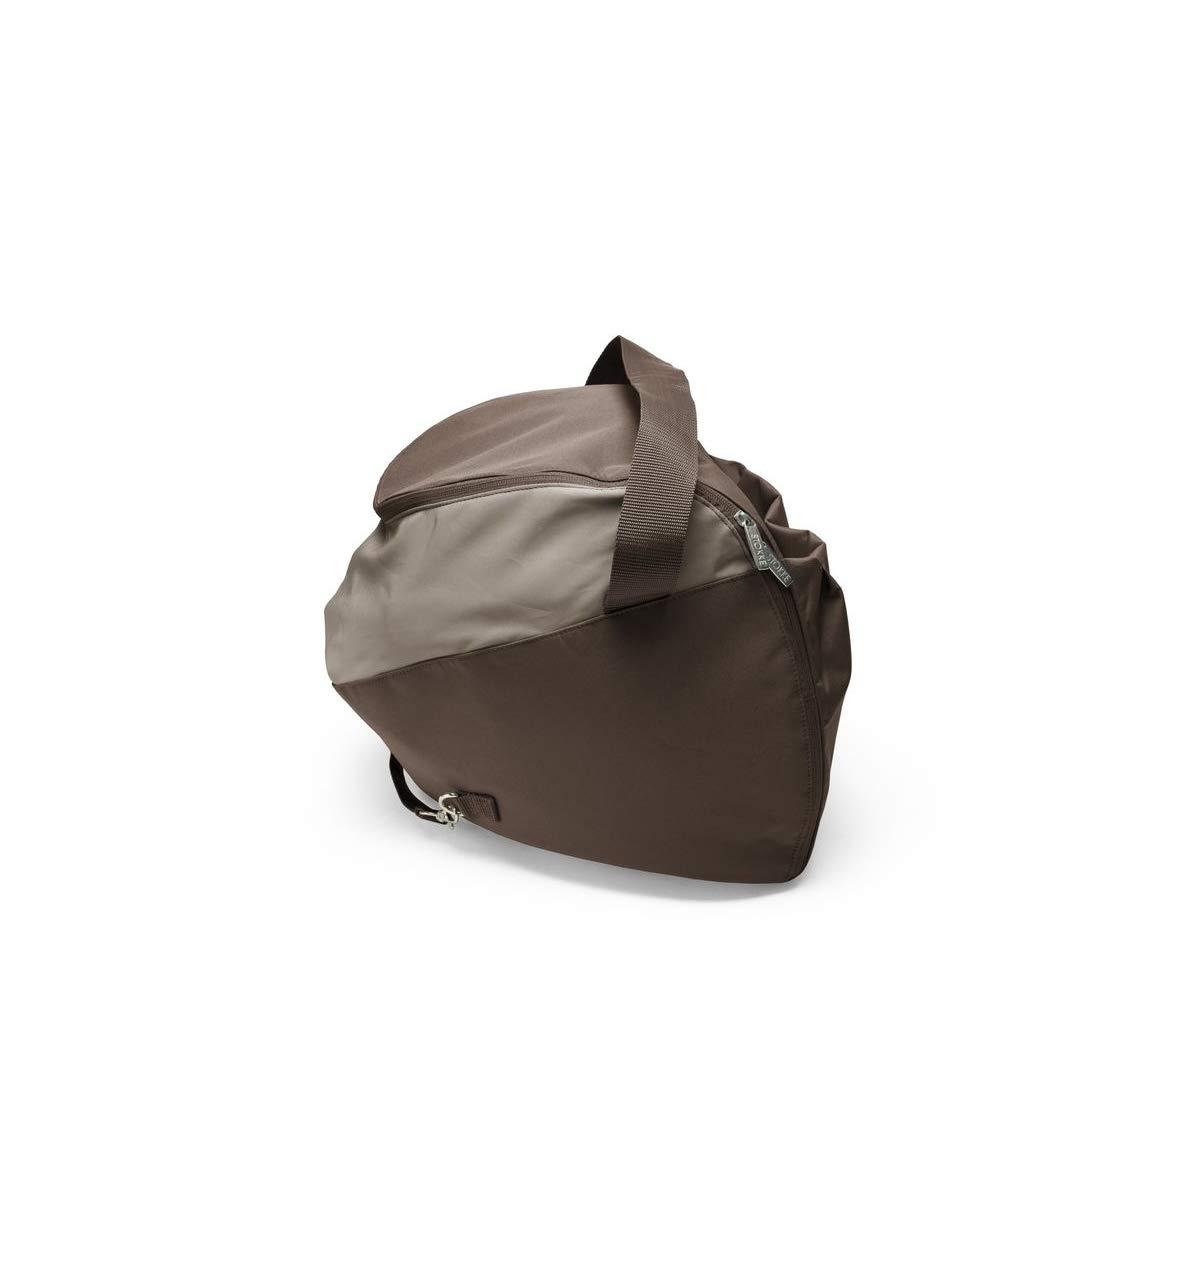 Einkaufstasche Xplory Brown Baby